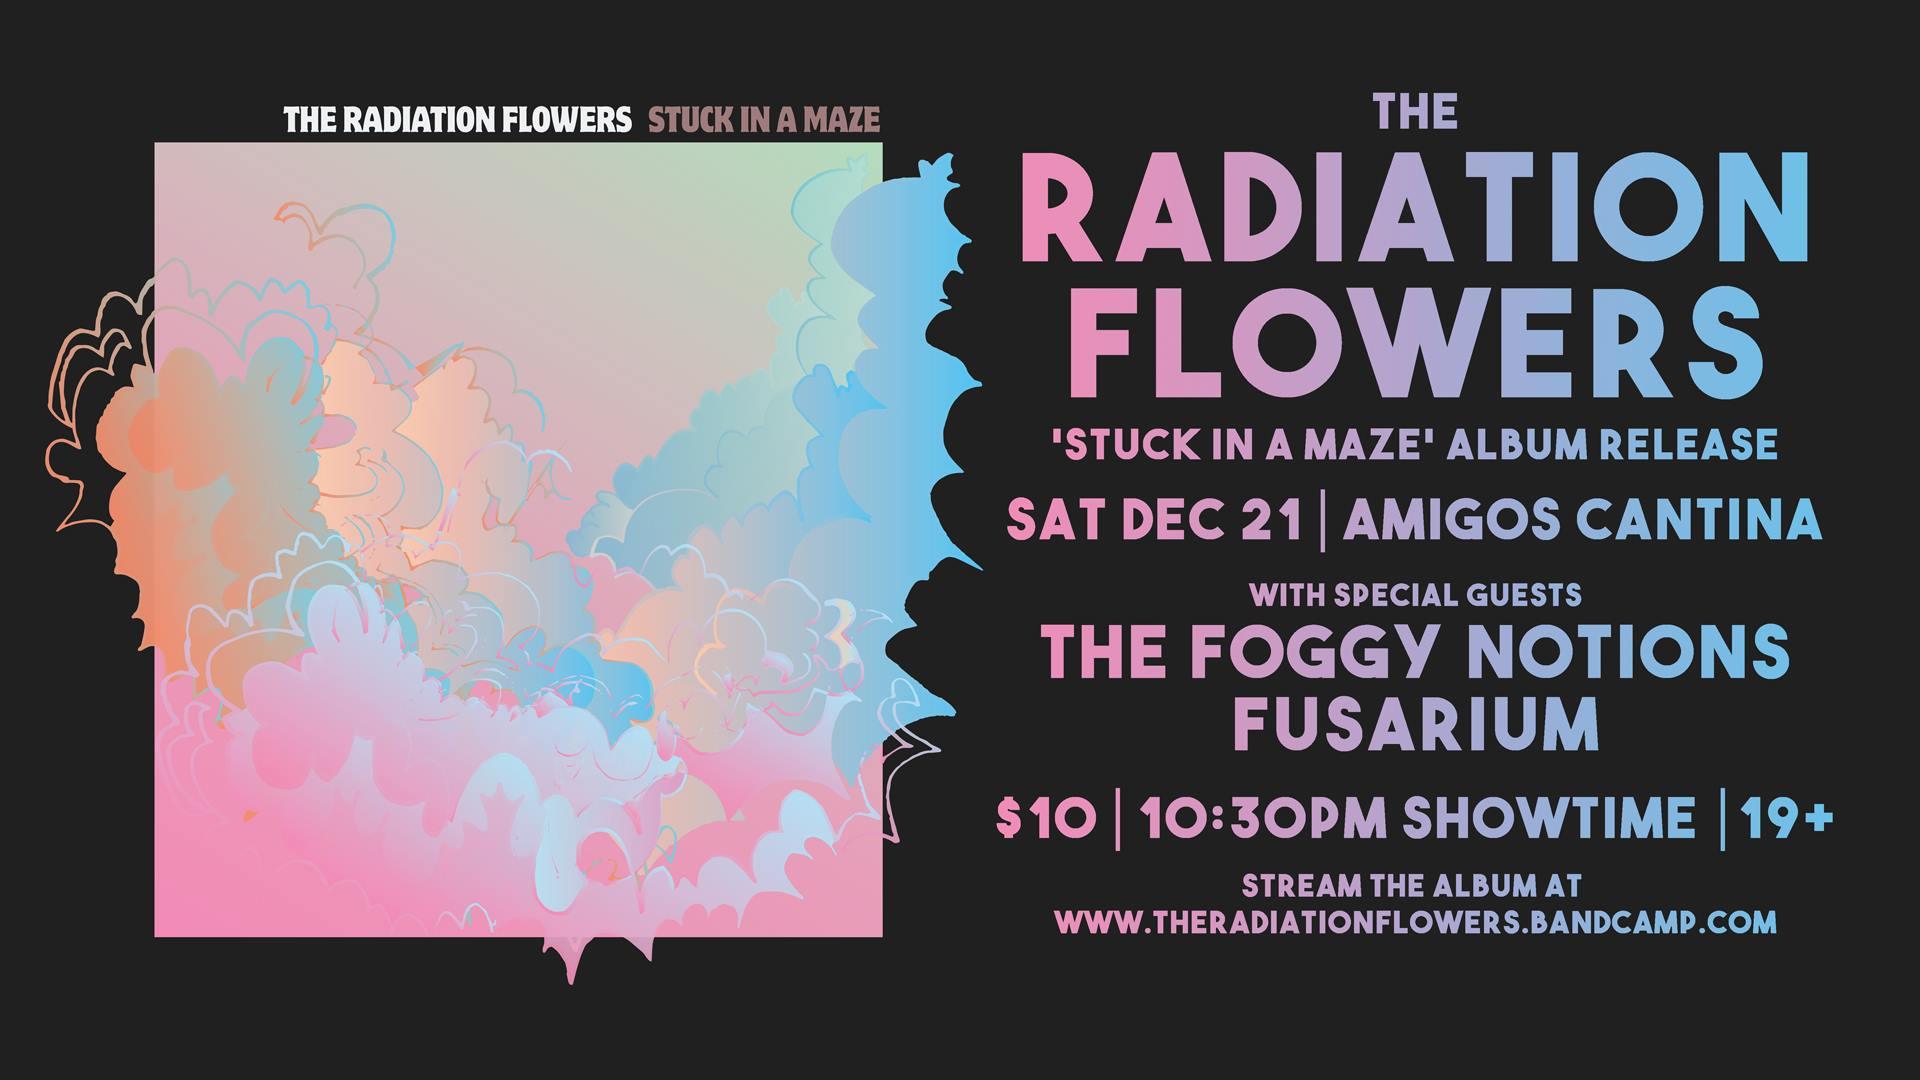 The Radiation Flowers Album Release + Foggy Notions & Fusarium